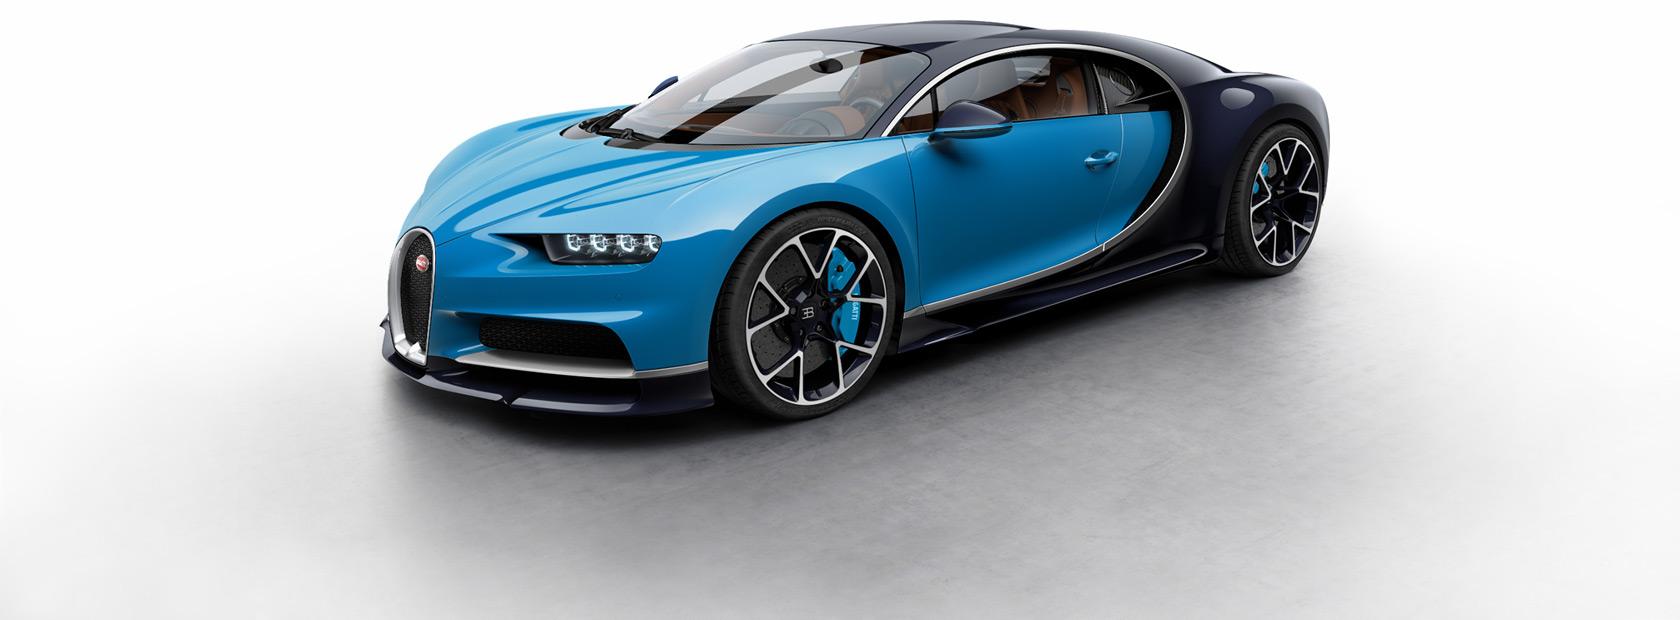 Bugatti Pics, Vehicles Collection